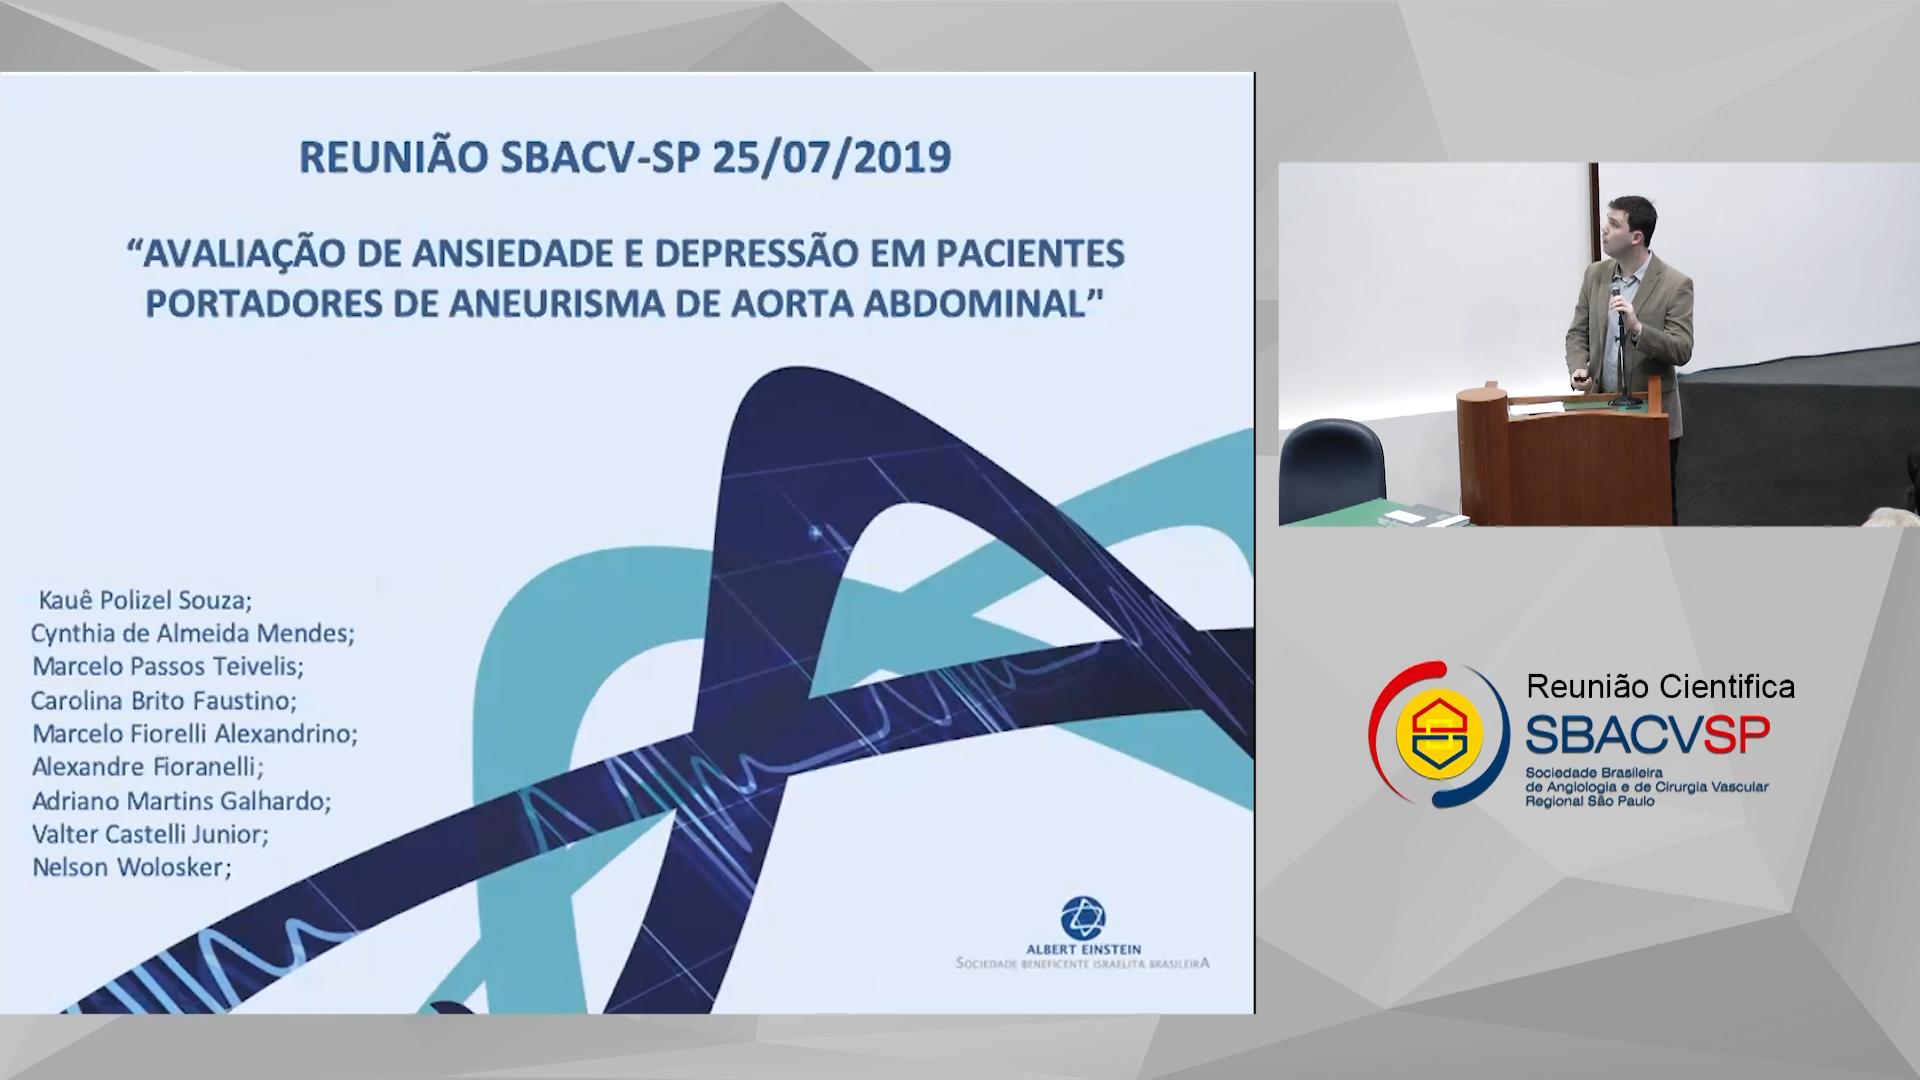 Avaliação de ansiedade e depressão em pacientes portadores de aneurisma de aorta abdominal